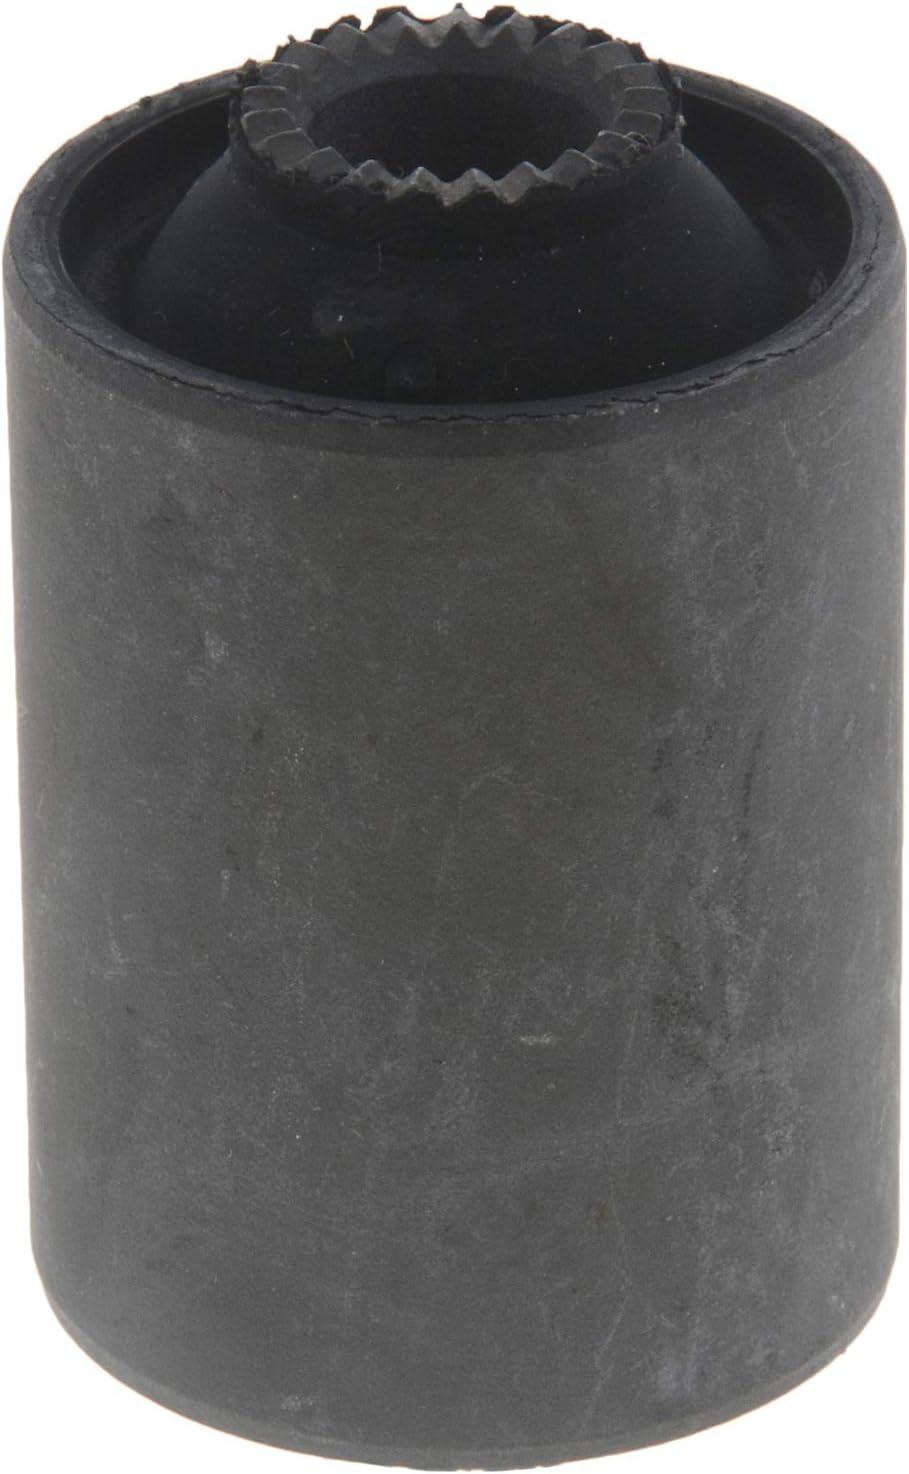 TRW Automotive JBU1637 Bushing Control Arm